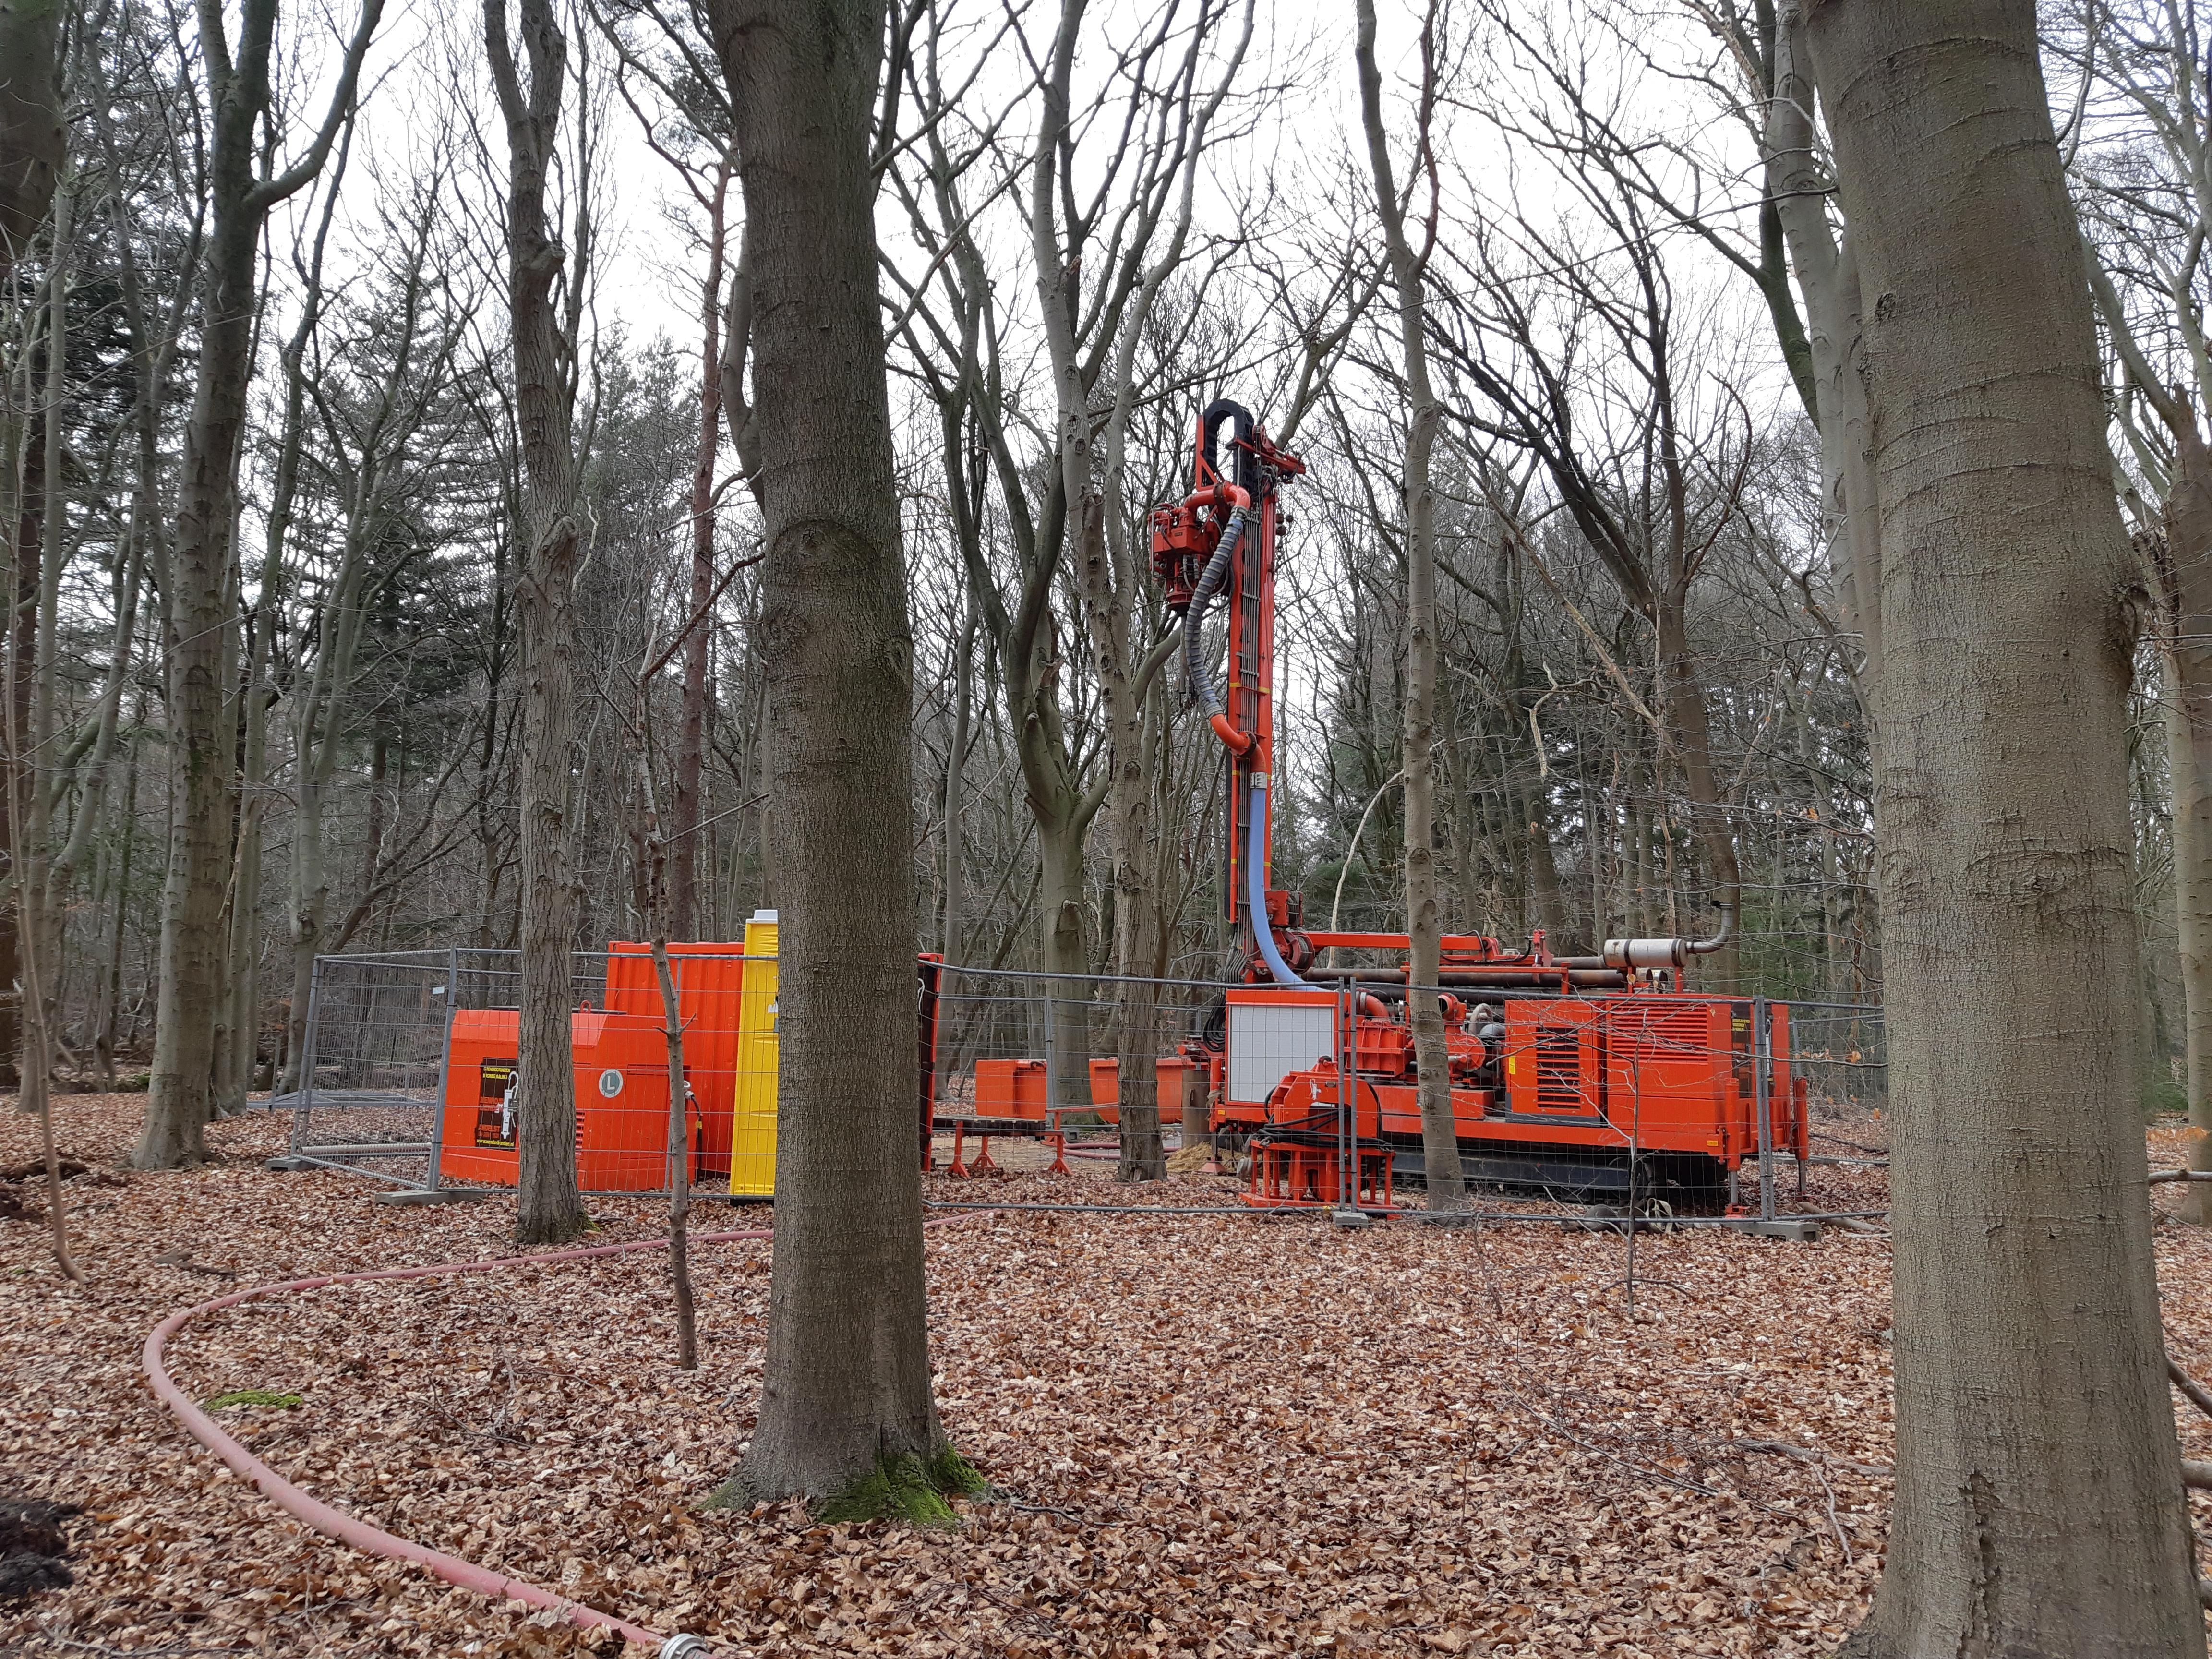 Aanpak Gooise 'vuilpluimen' tot 2030 een zekerheidje: nog 11,9 miljoen euro in kas voor beheren en saneren van verontreinigd grondwater